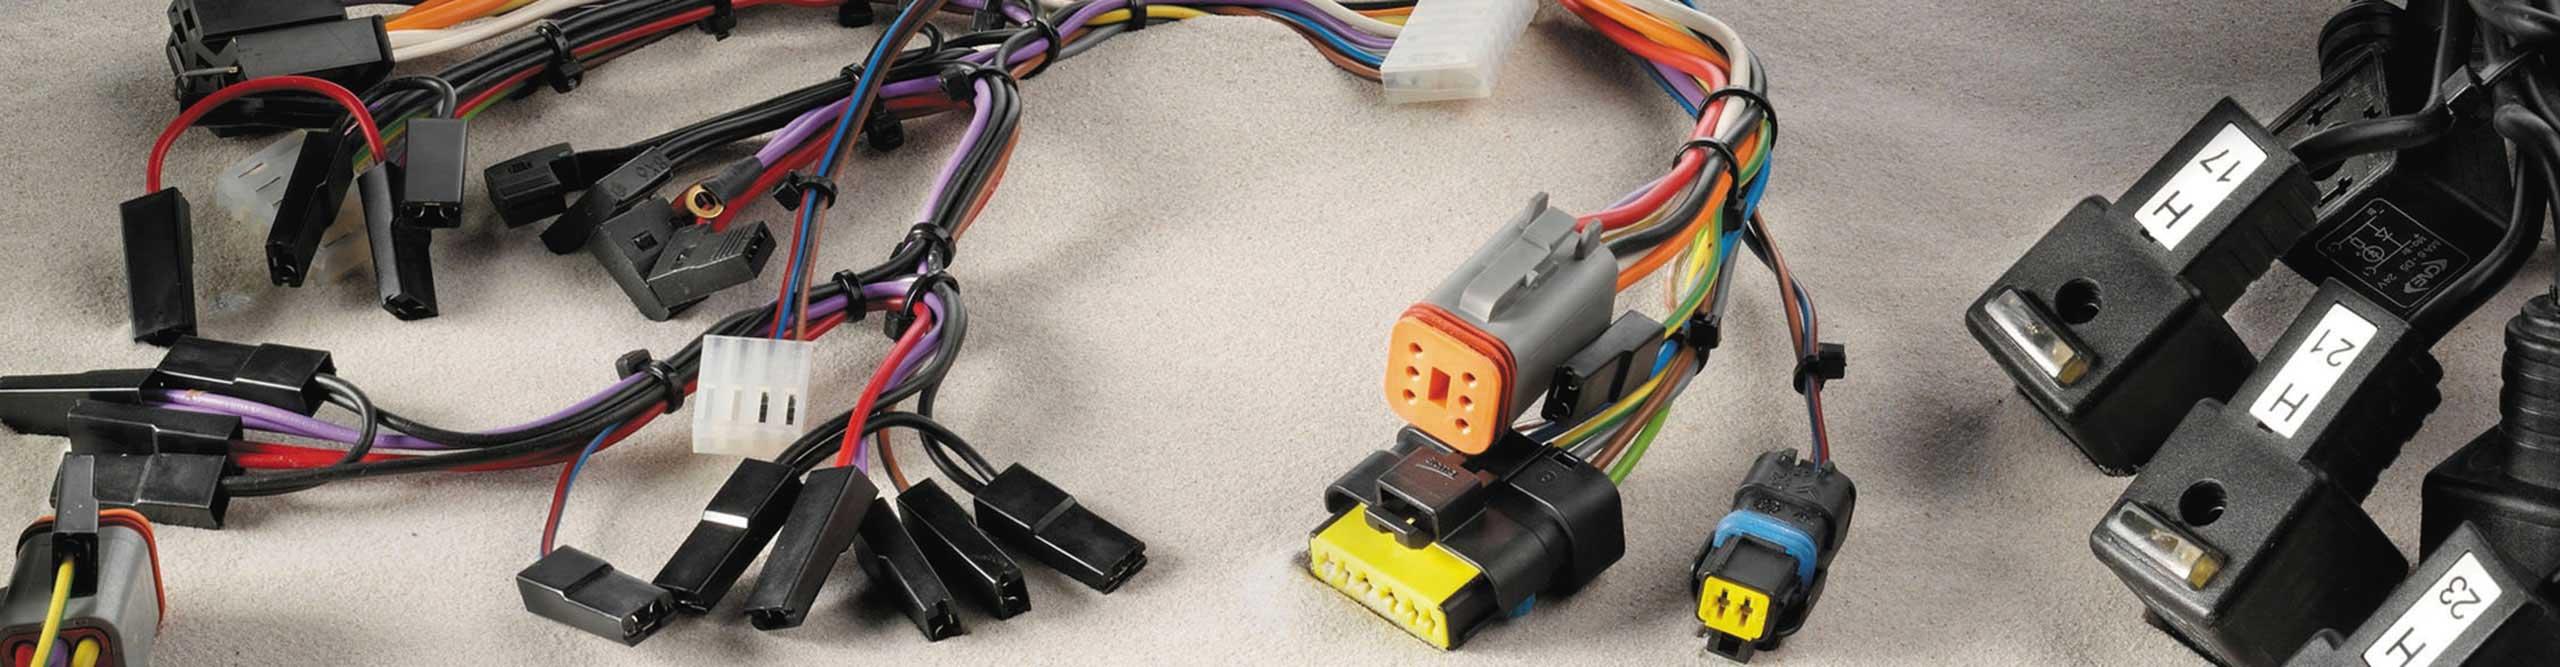 Schemi Elettrici Navi : Cabling : il software per la realizzazione degli schemi esecutivi di